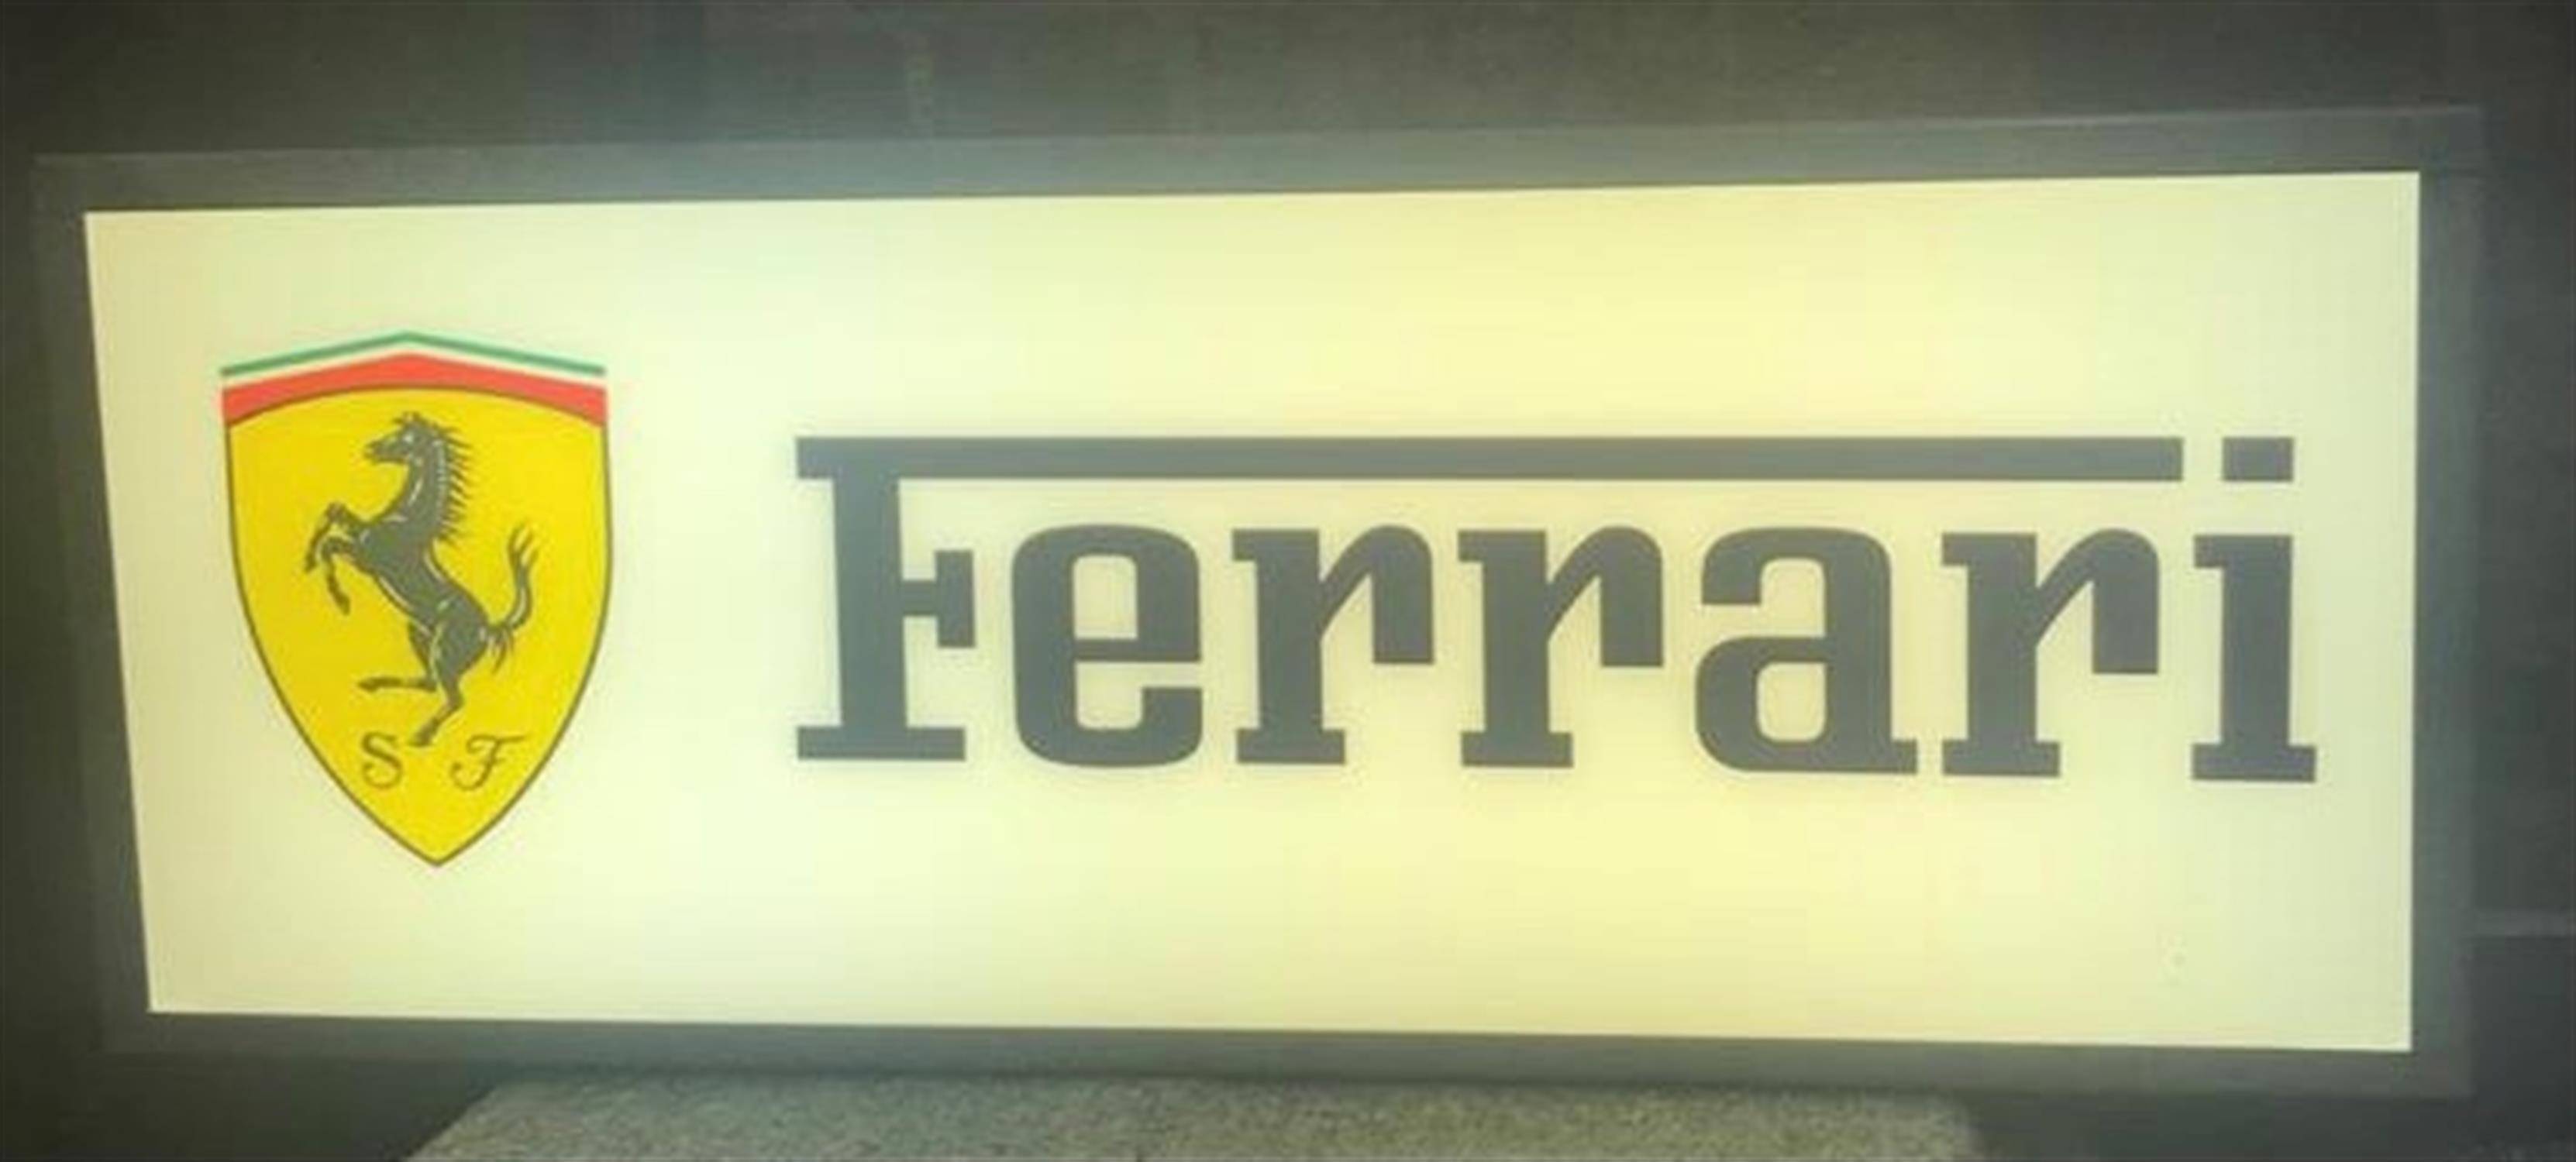 A Classic Ferrari-Themed Illuminated Sign - Image 2 of 3